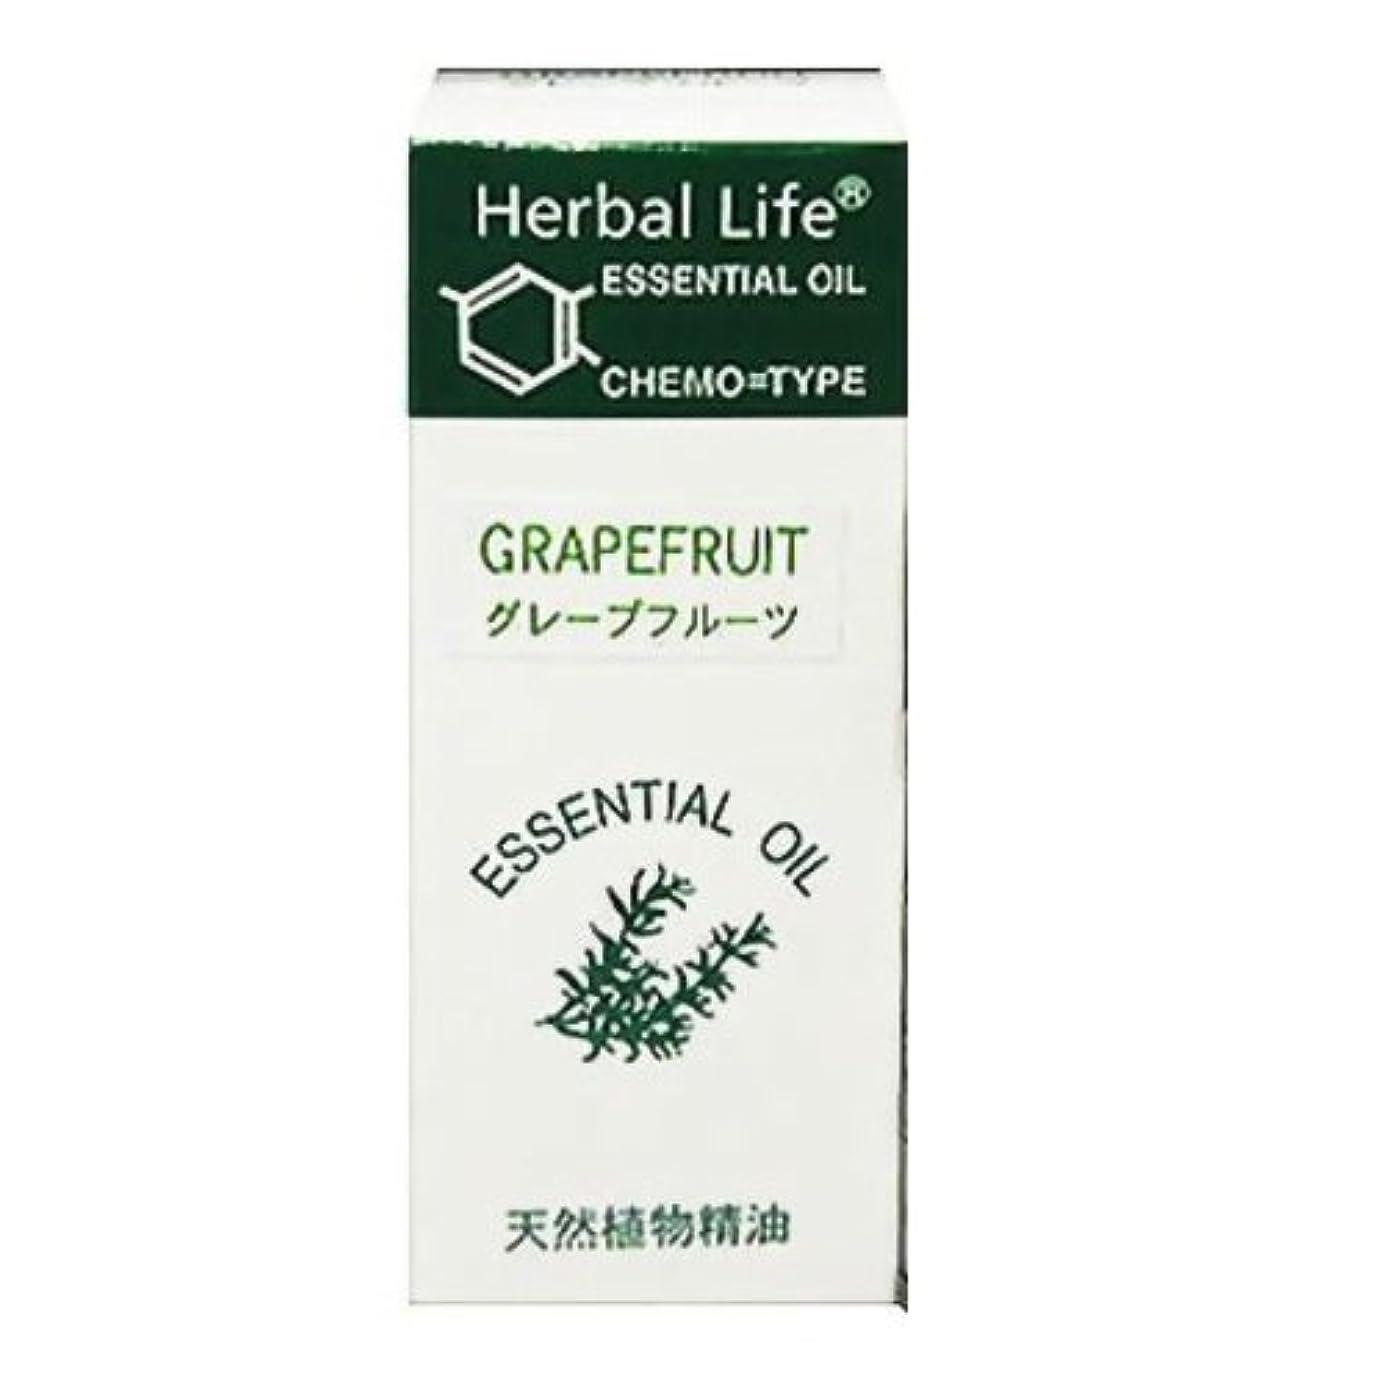 致命的最小化するリーダーシップ生活の木 エッセンシャルオイル グレープフルーツ 10ml